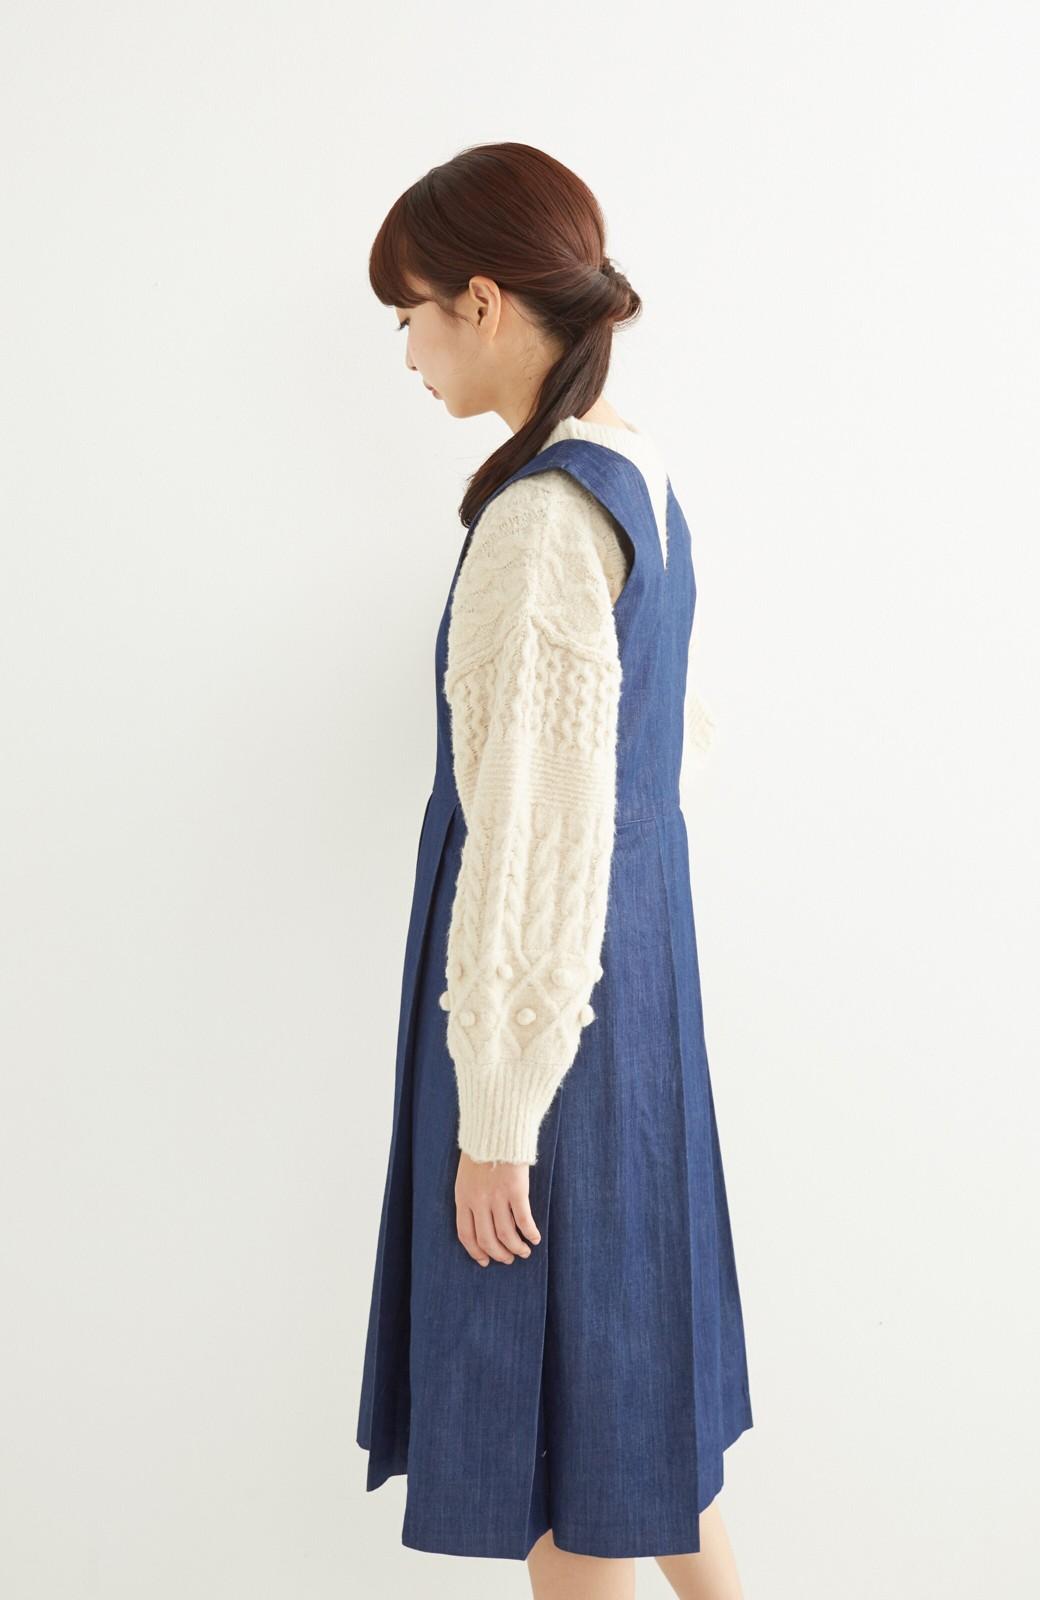 nusy やわらか麻混デニム素材のビッグプリーツジャンパースカート <インディゴブルー>の商品写真11